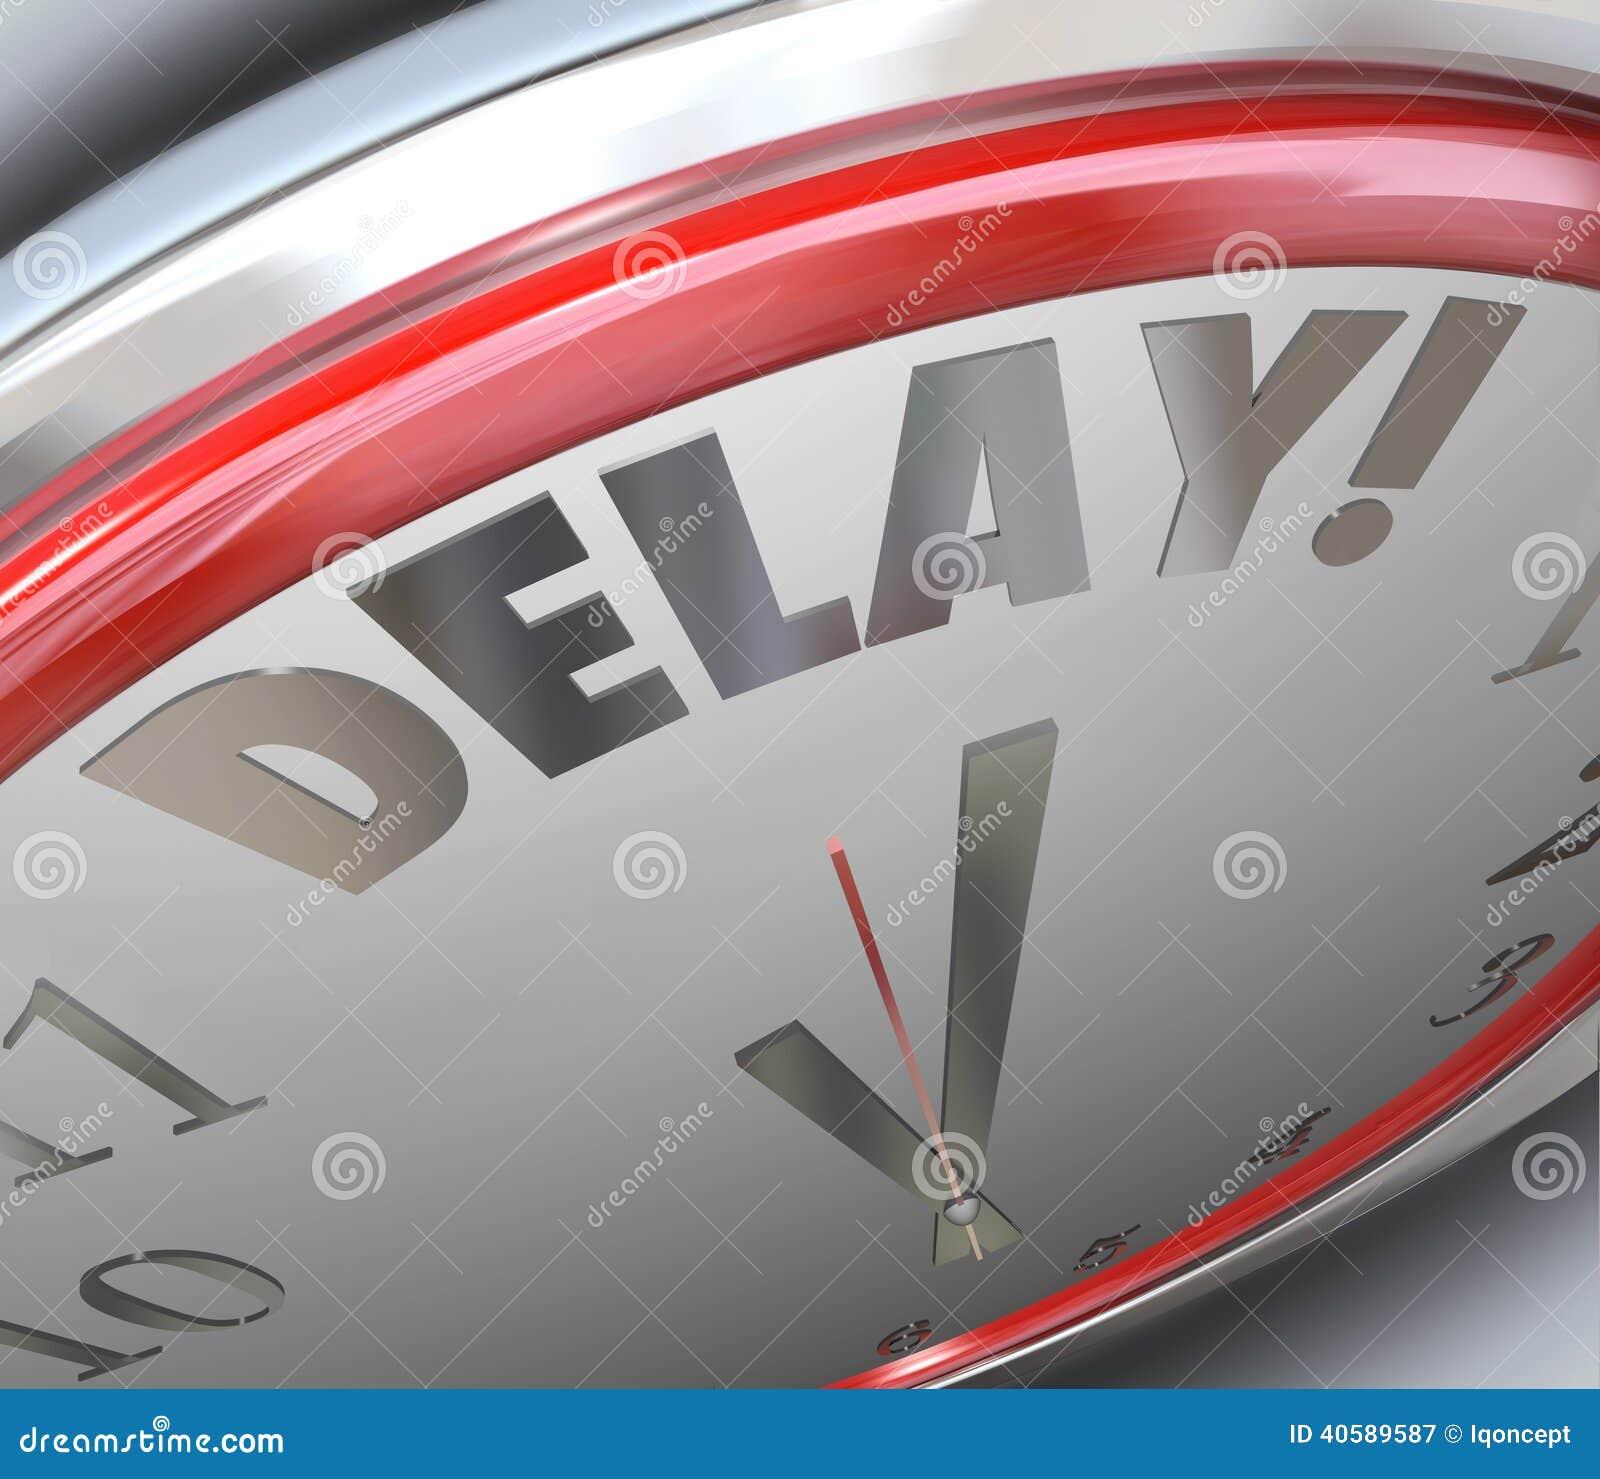 Reloj Faltó Del Palabra El Pasajero Tiempo Plazo De Retraso n0wvmON8